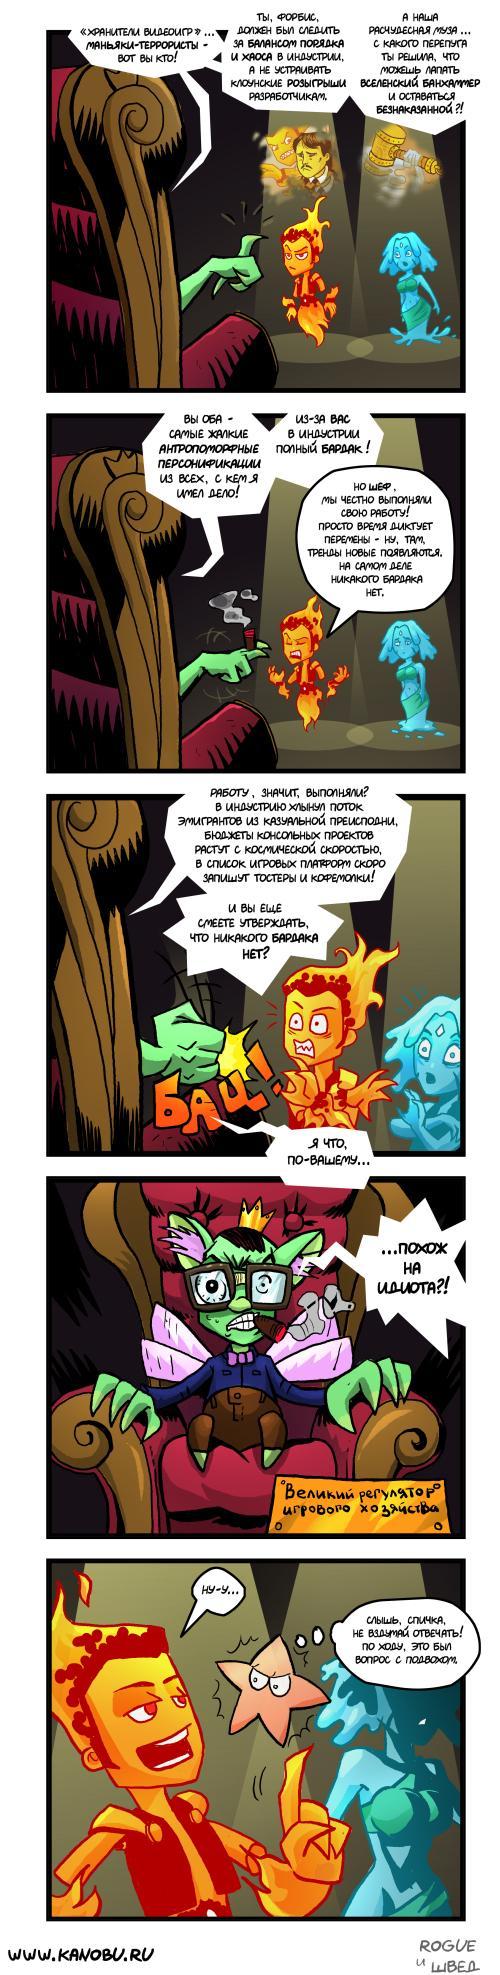 Канобу 13 - Изображение 2